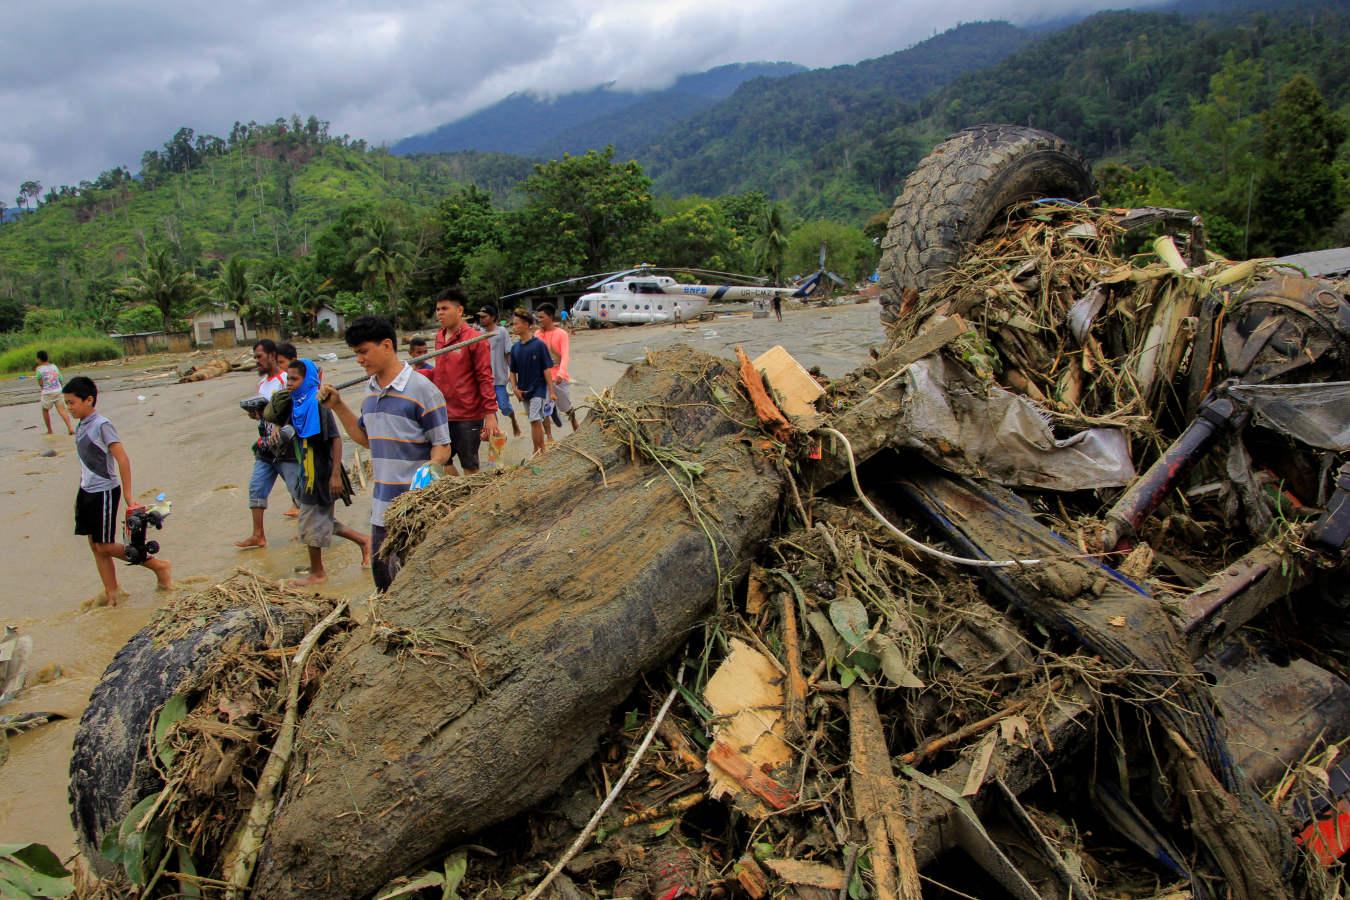 Inundaciones dejan al menos 50 muertos en provincia indonesia de Papúa